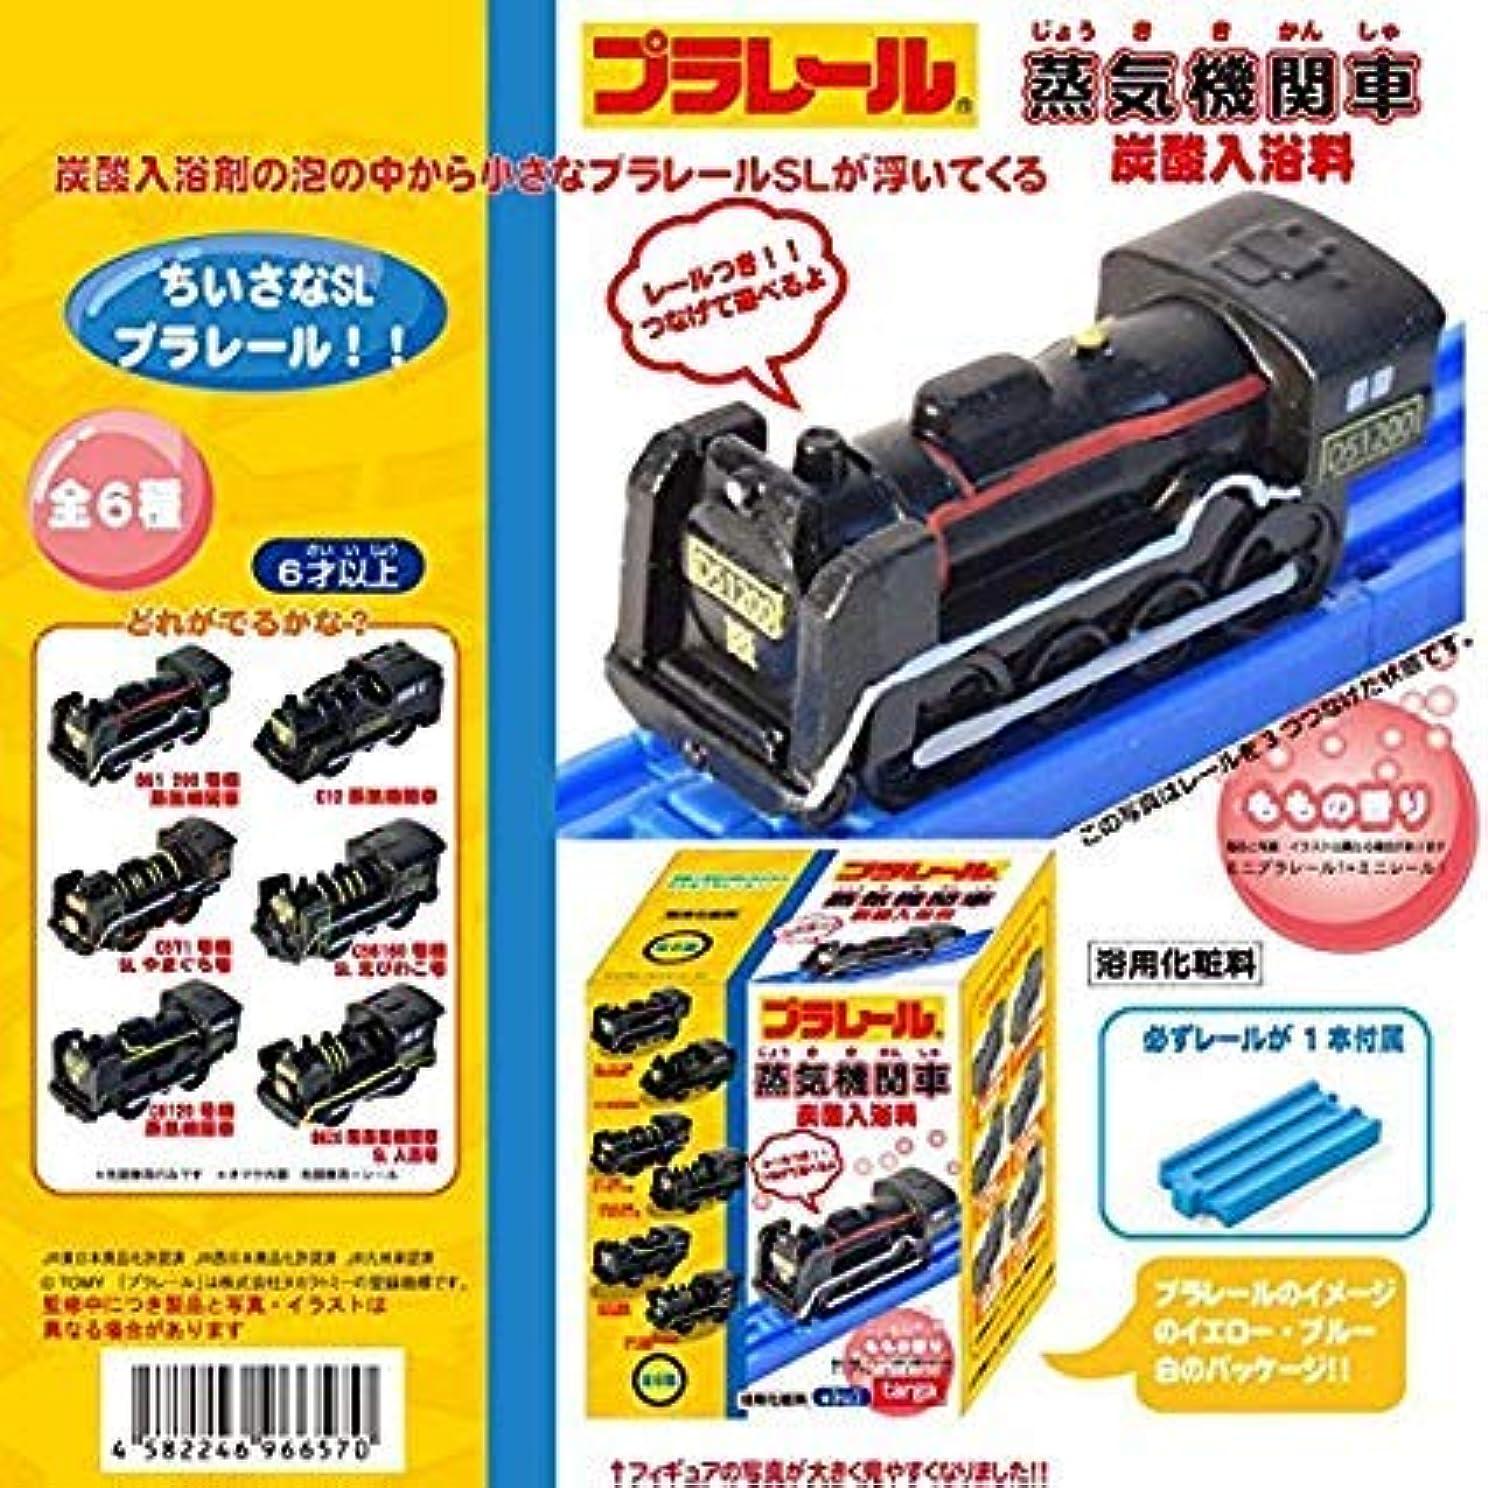 盲信ラバ手首プラレール 蒸気機関車 炭酸入浴剤 【6個セット】 ももの香り レールつき機関車